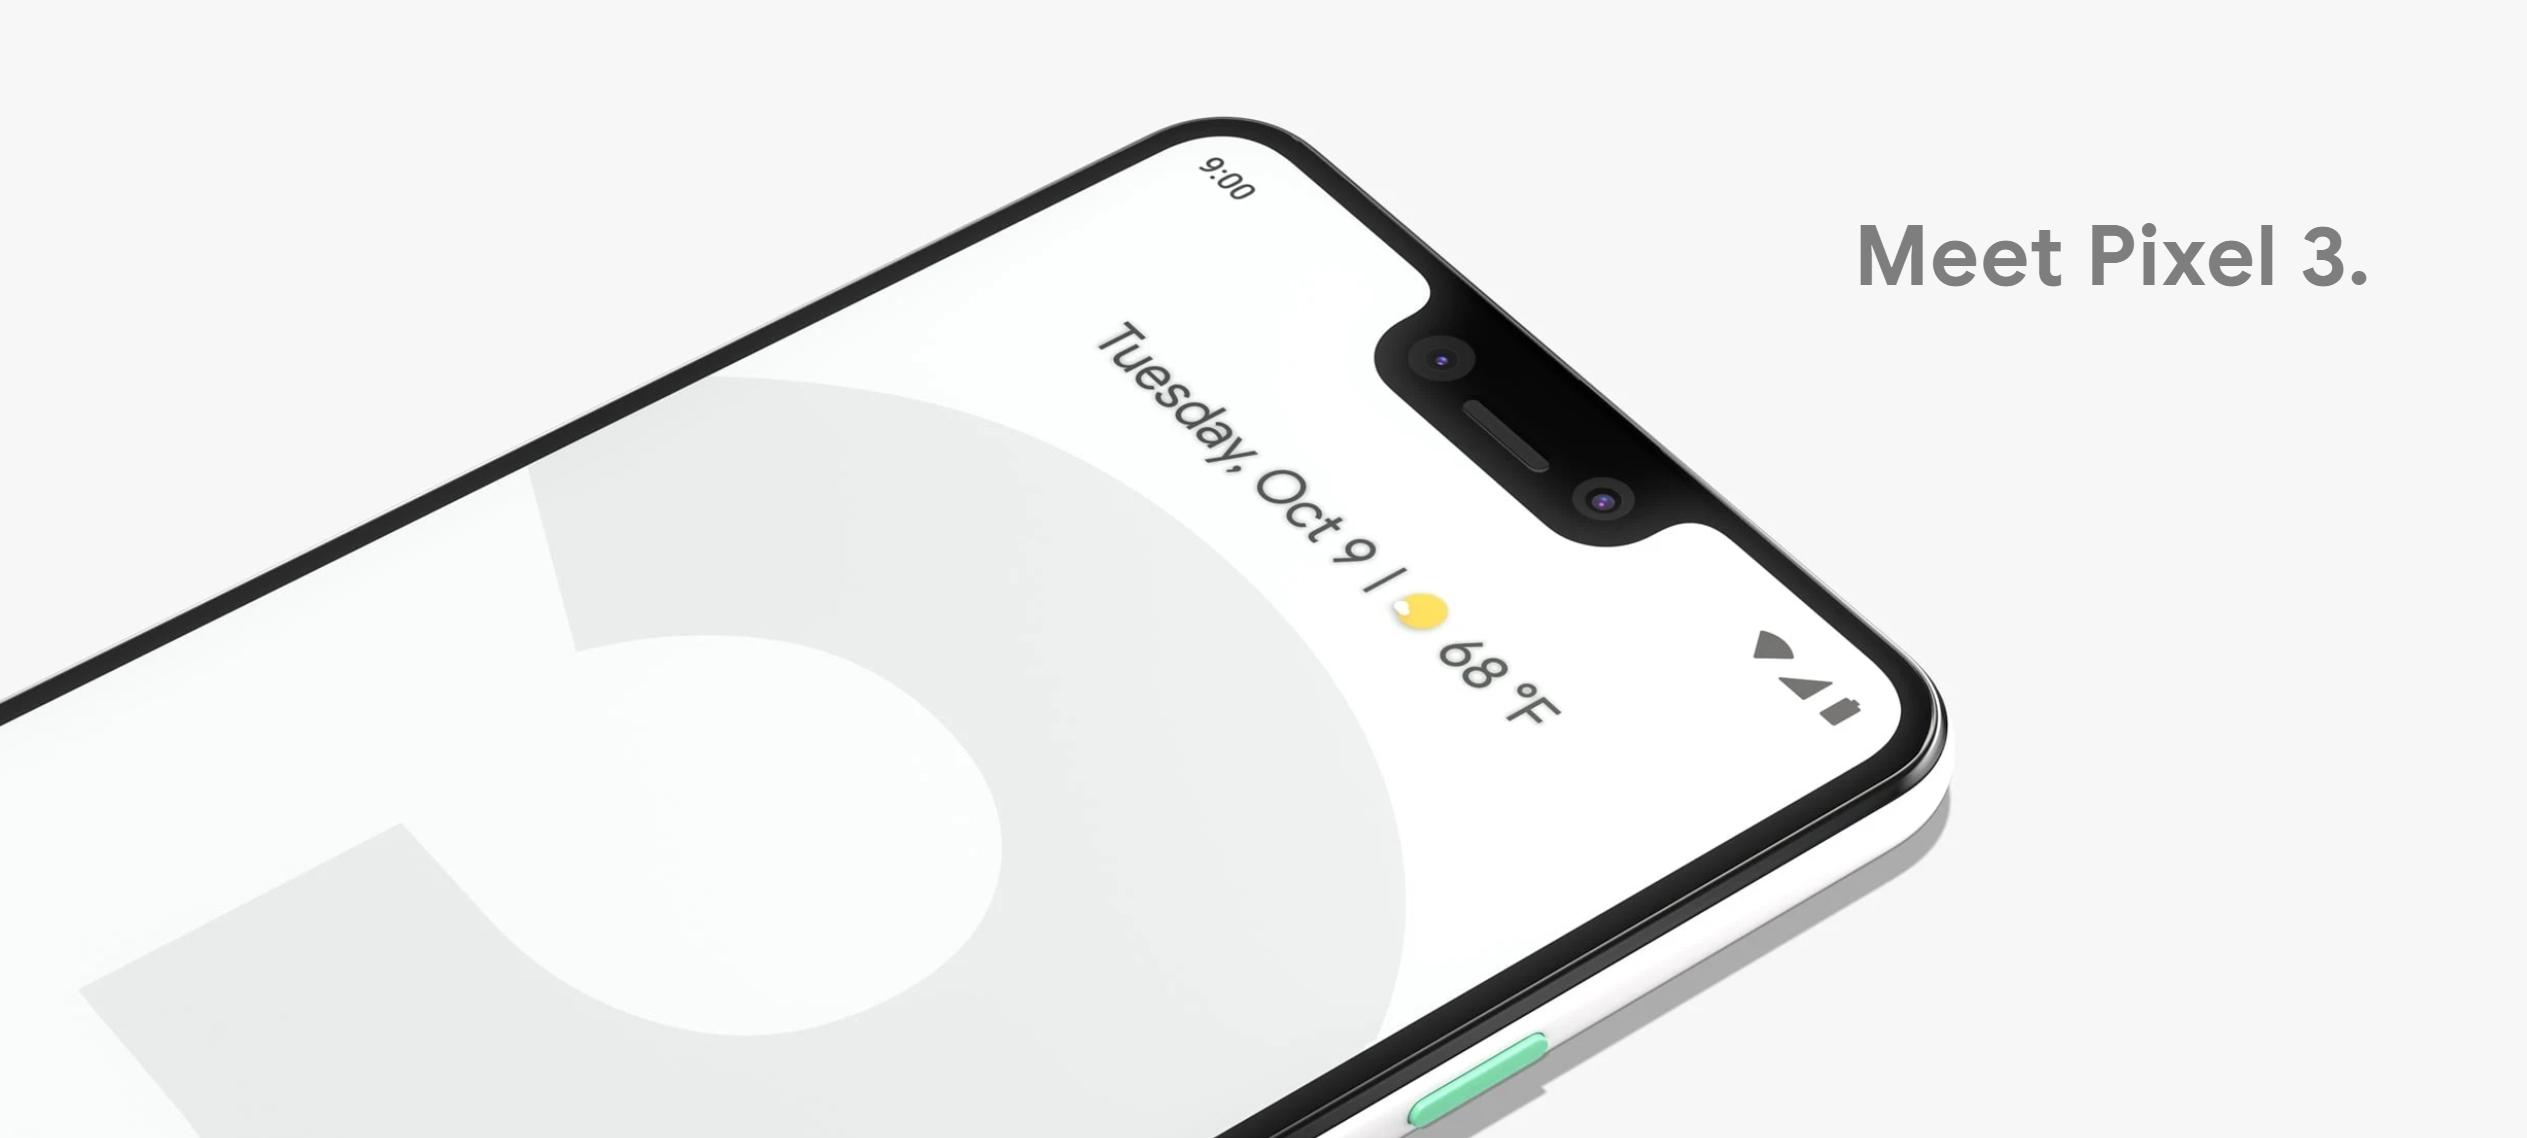 Pixel 3 får en ny funksjon.